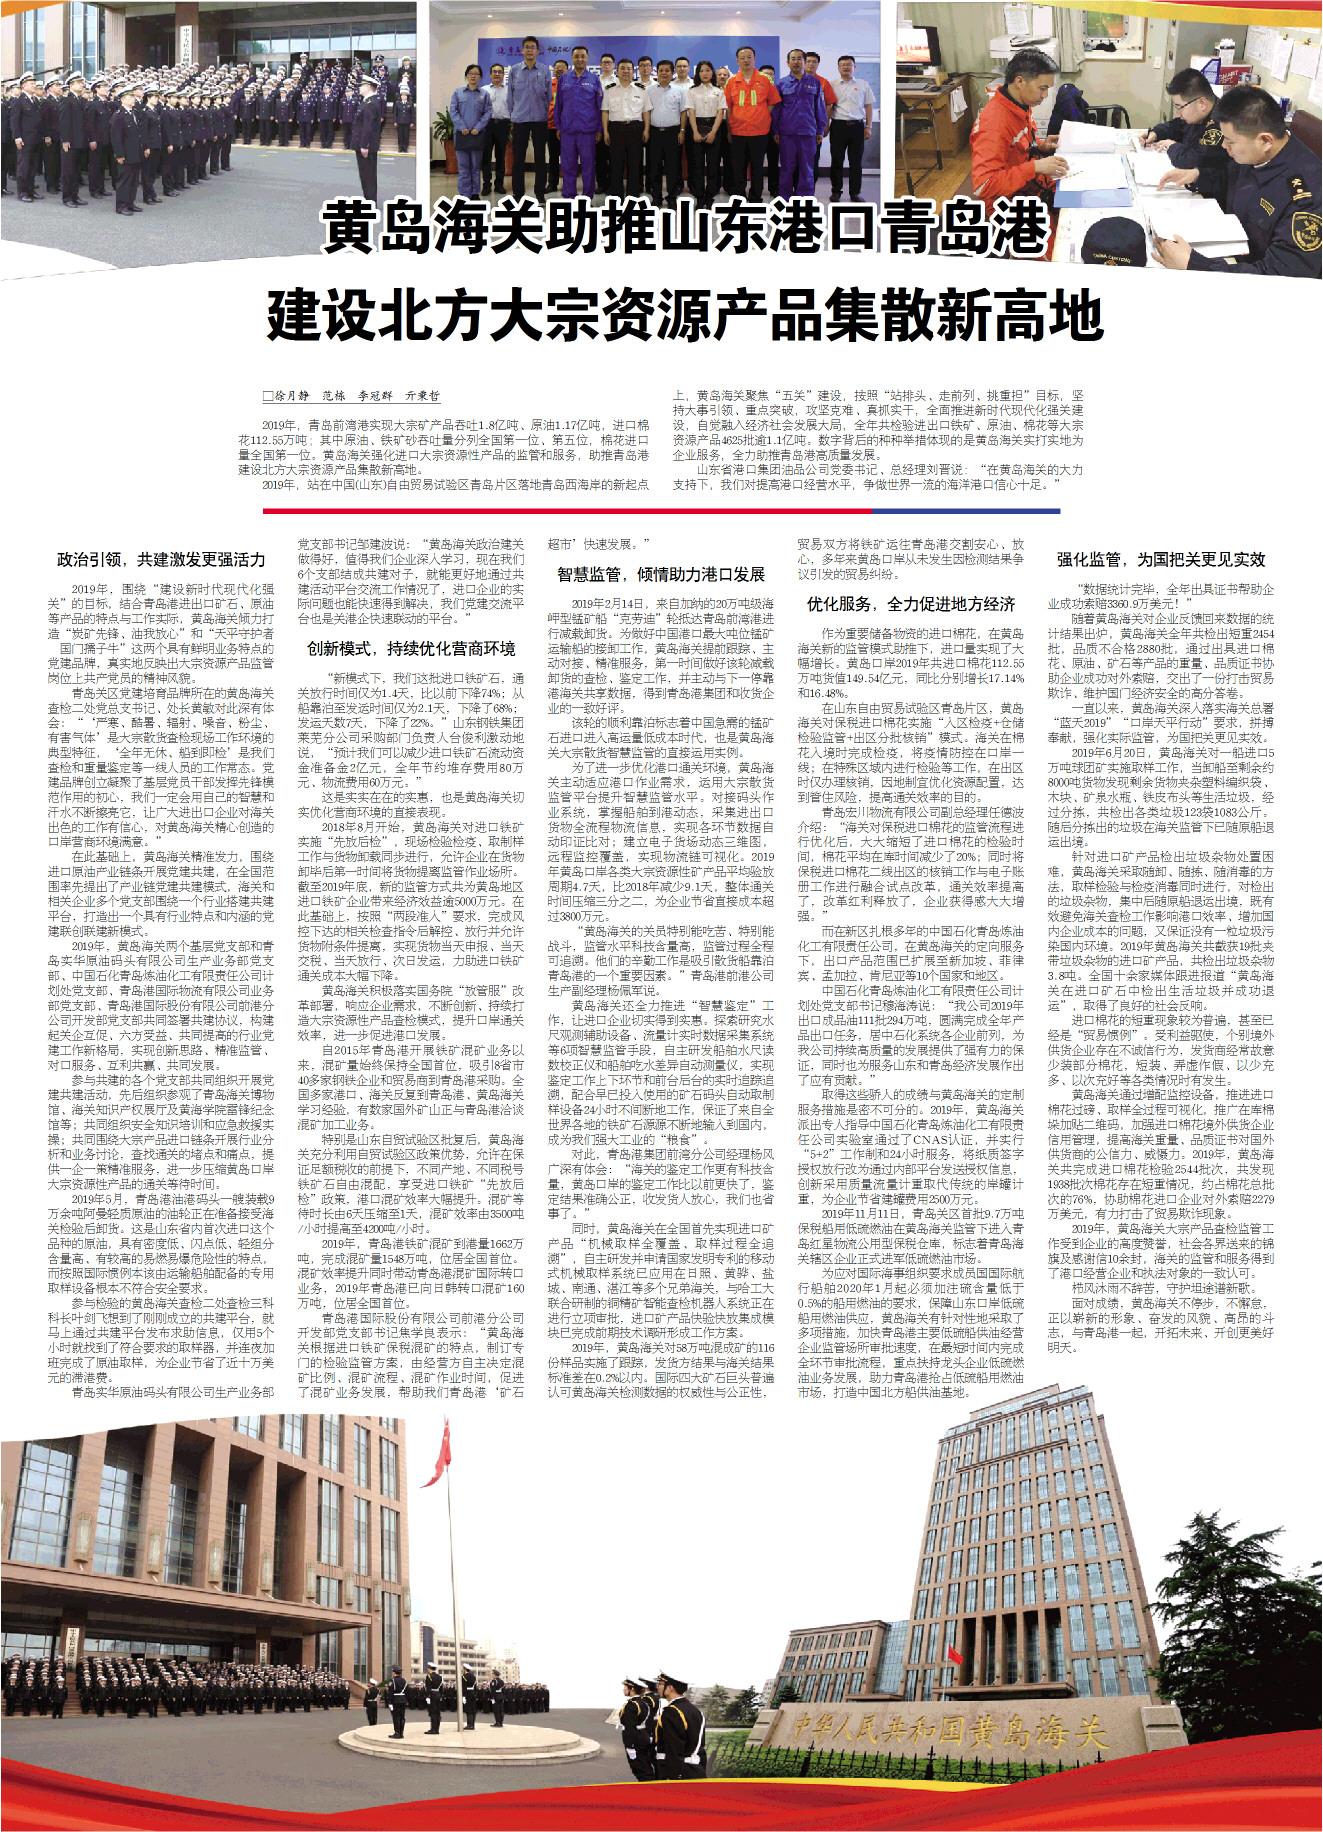 专本跺+_2019年,黄岛海关派出专人指导中国石化青岛炼油化工有限责任公司实验